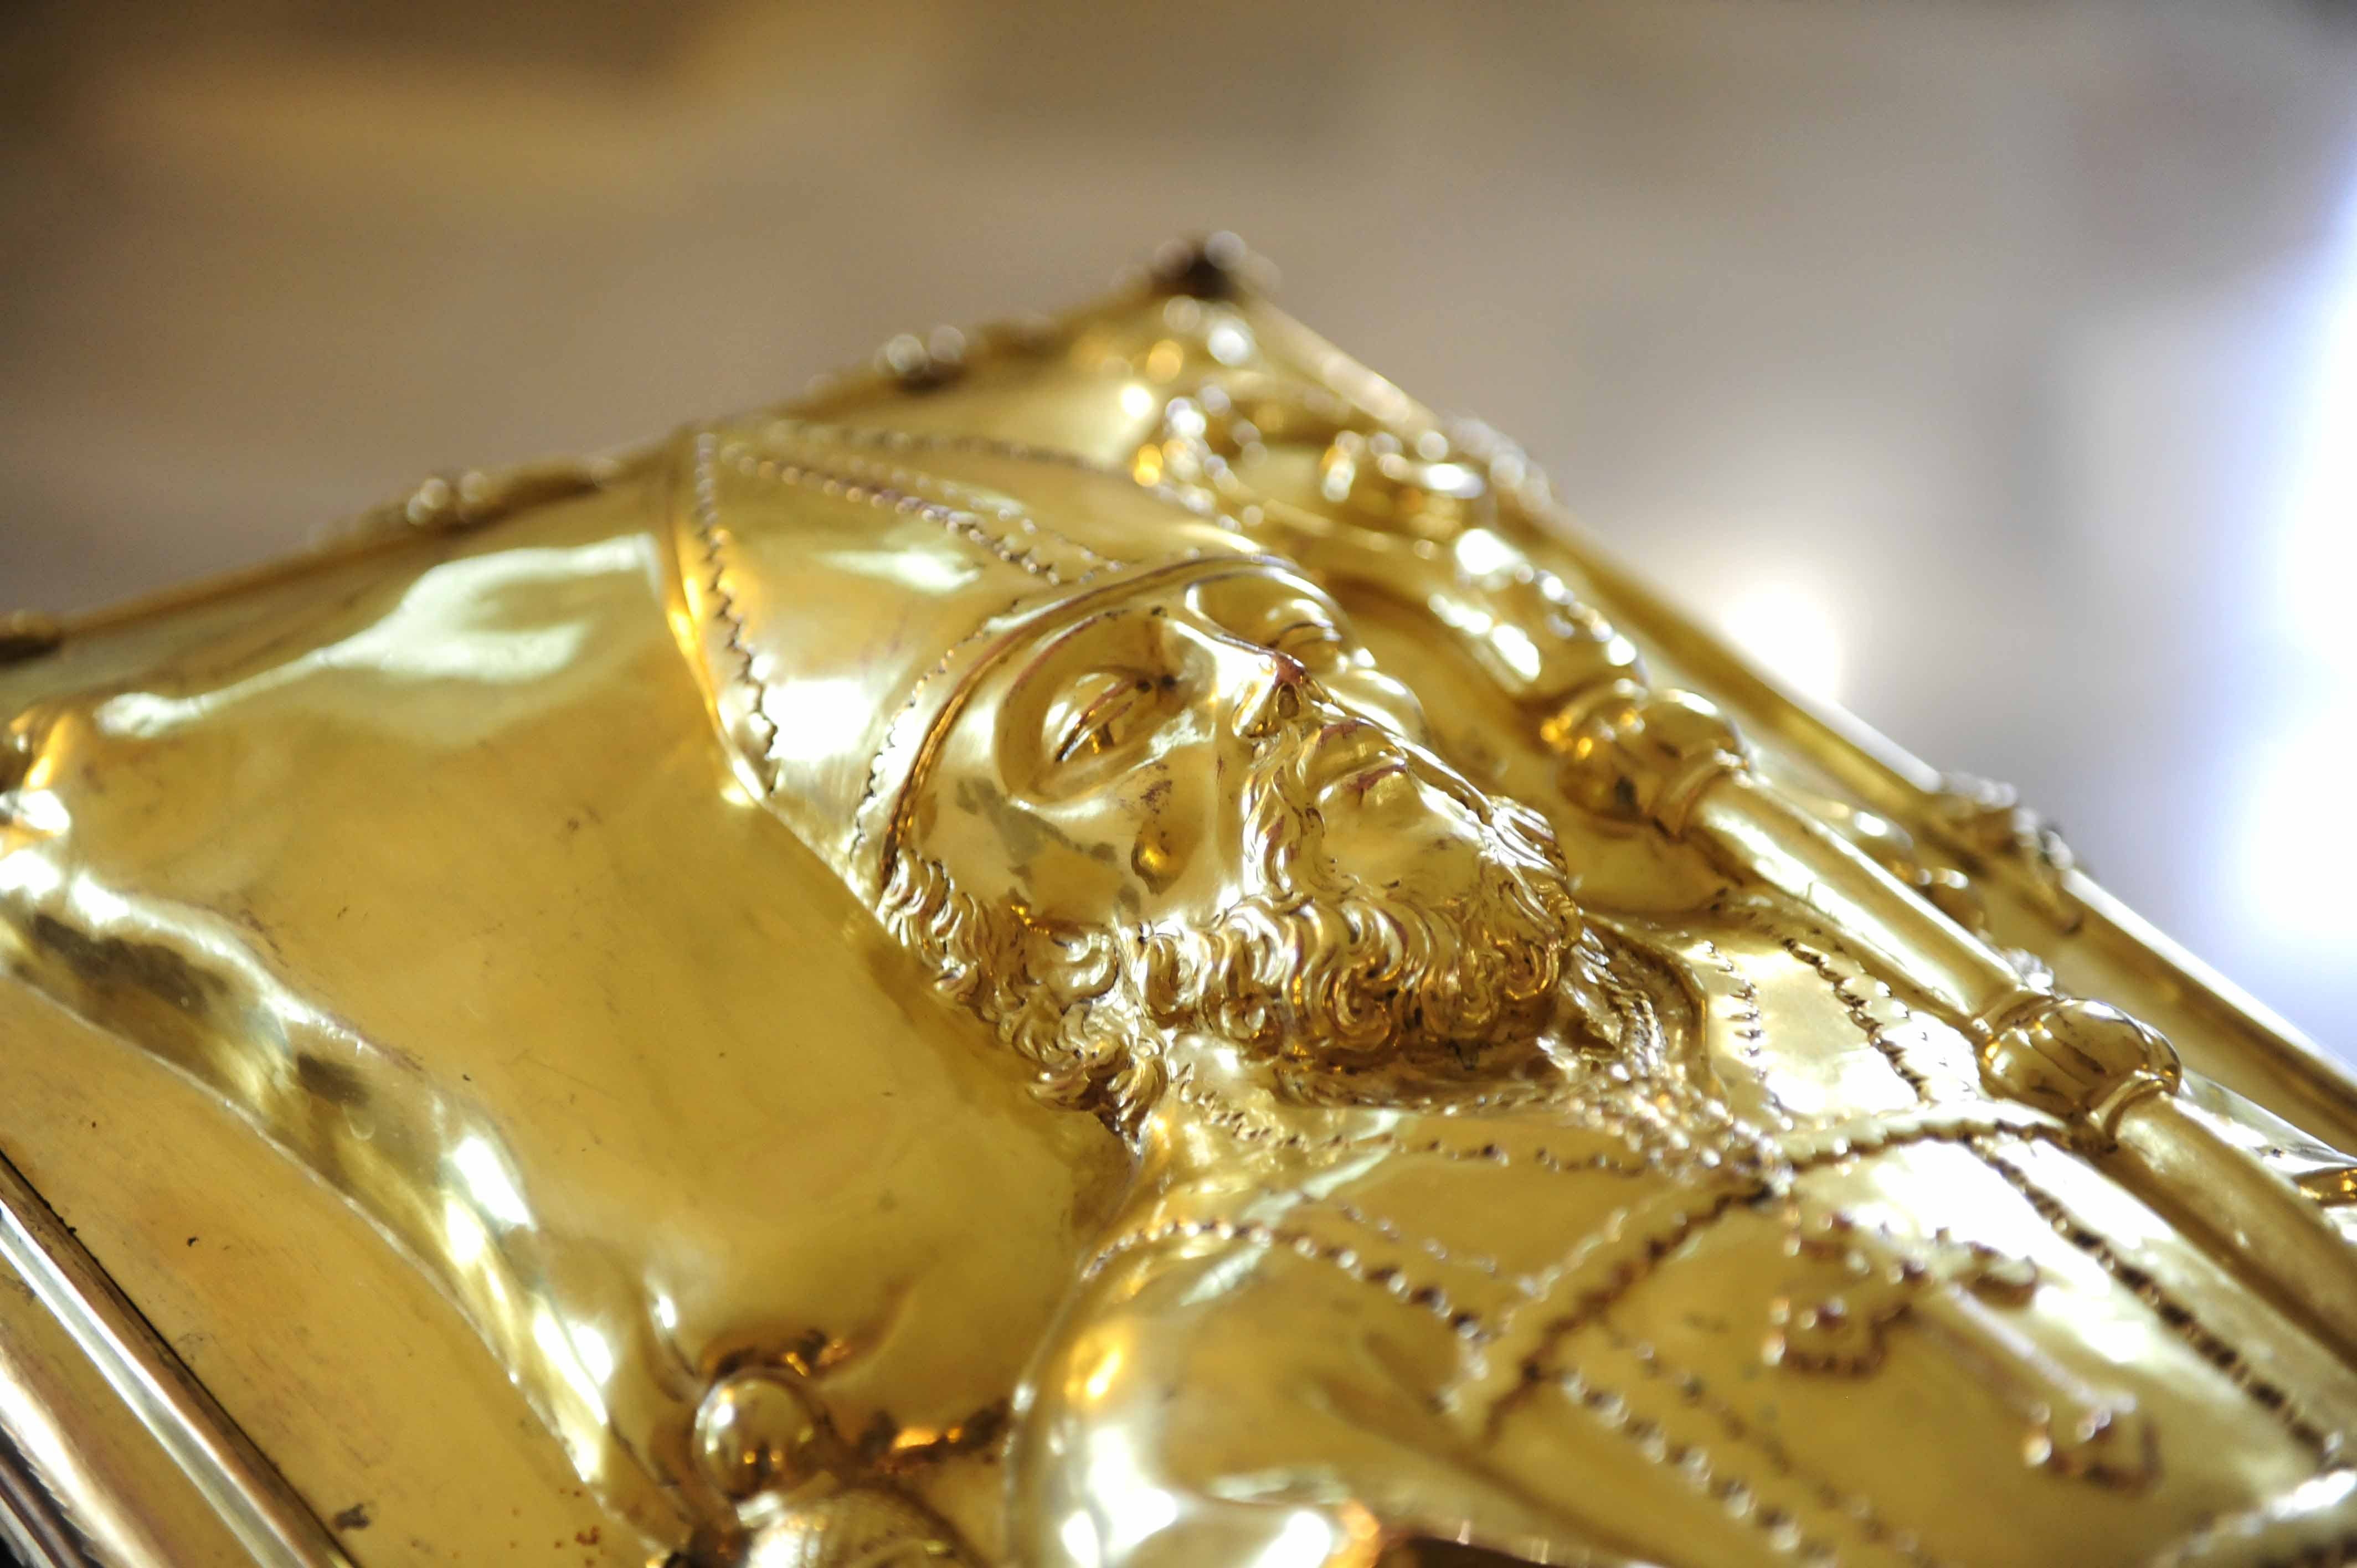 """Die Gebeine des hl. Ulrich ruhen in dem sogenannten Ulrichsschrein, der jedes Jahr um den 4. Juli während der """"Ulrichswoche"""" zur Verehrung ausgesetzt wird (Foto: Nicolas Schnall / pba)"""